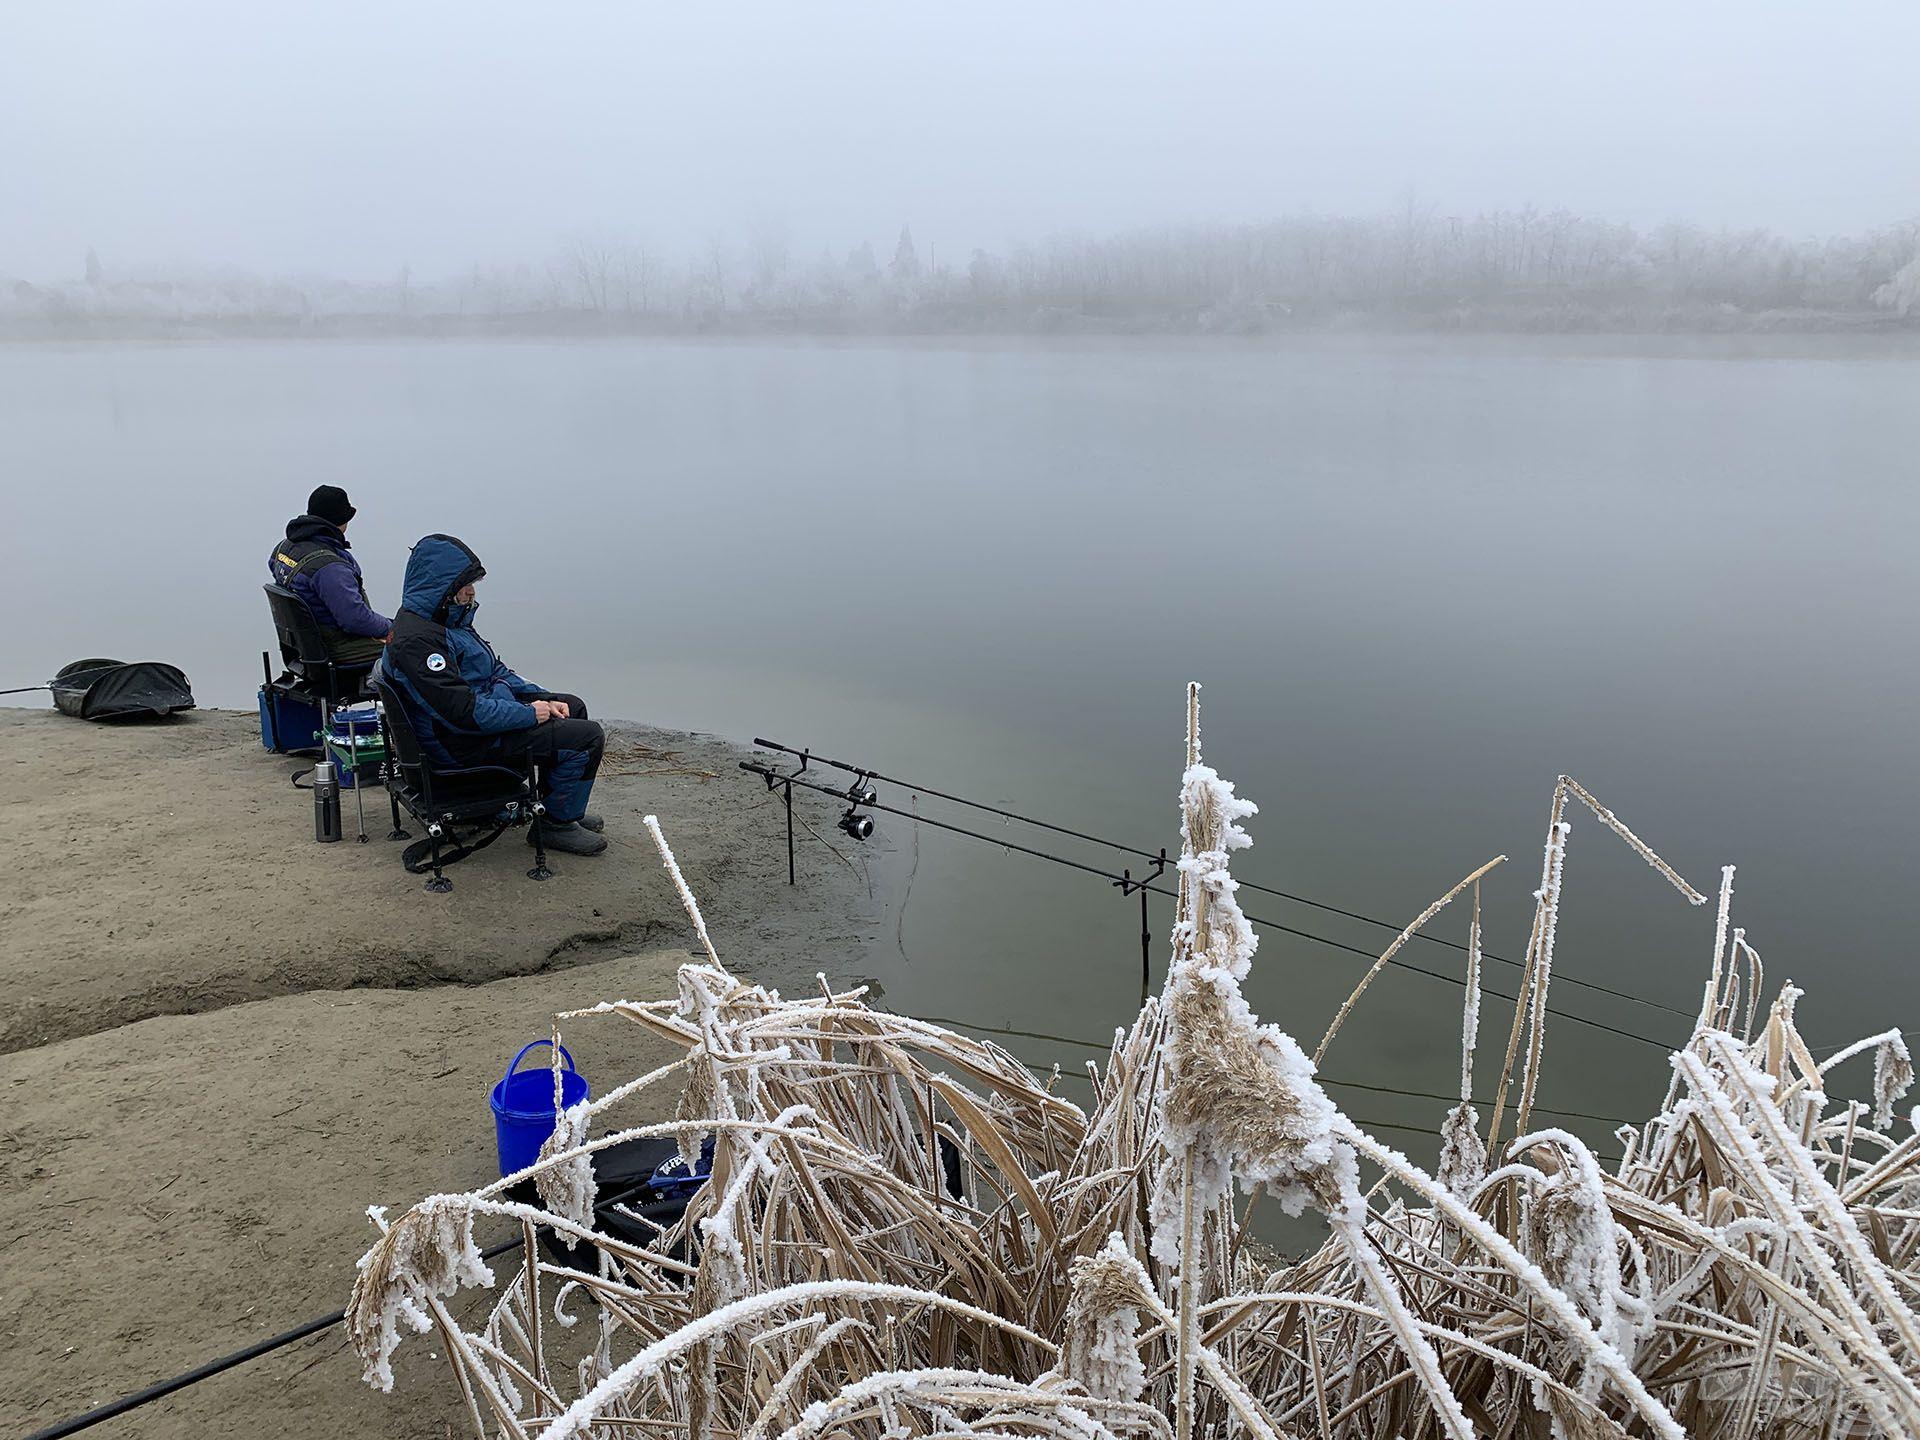 Kapkodásnak, gyakori dobásoknak nincs helye a téli horgászatok során, a sikeres horgászat egyik titka a TÜRELEM